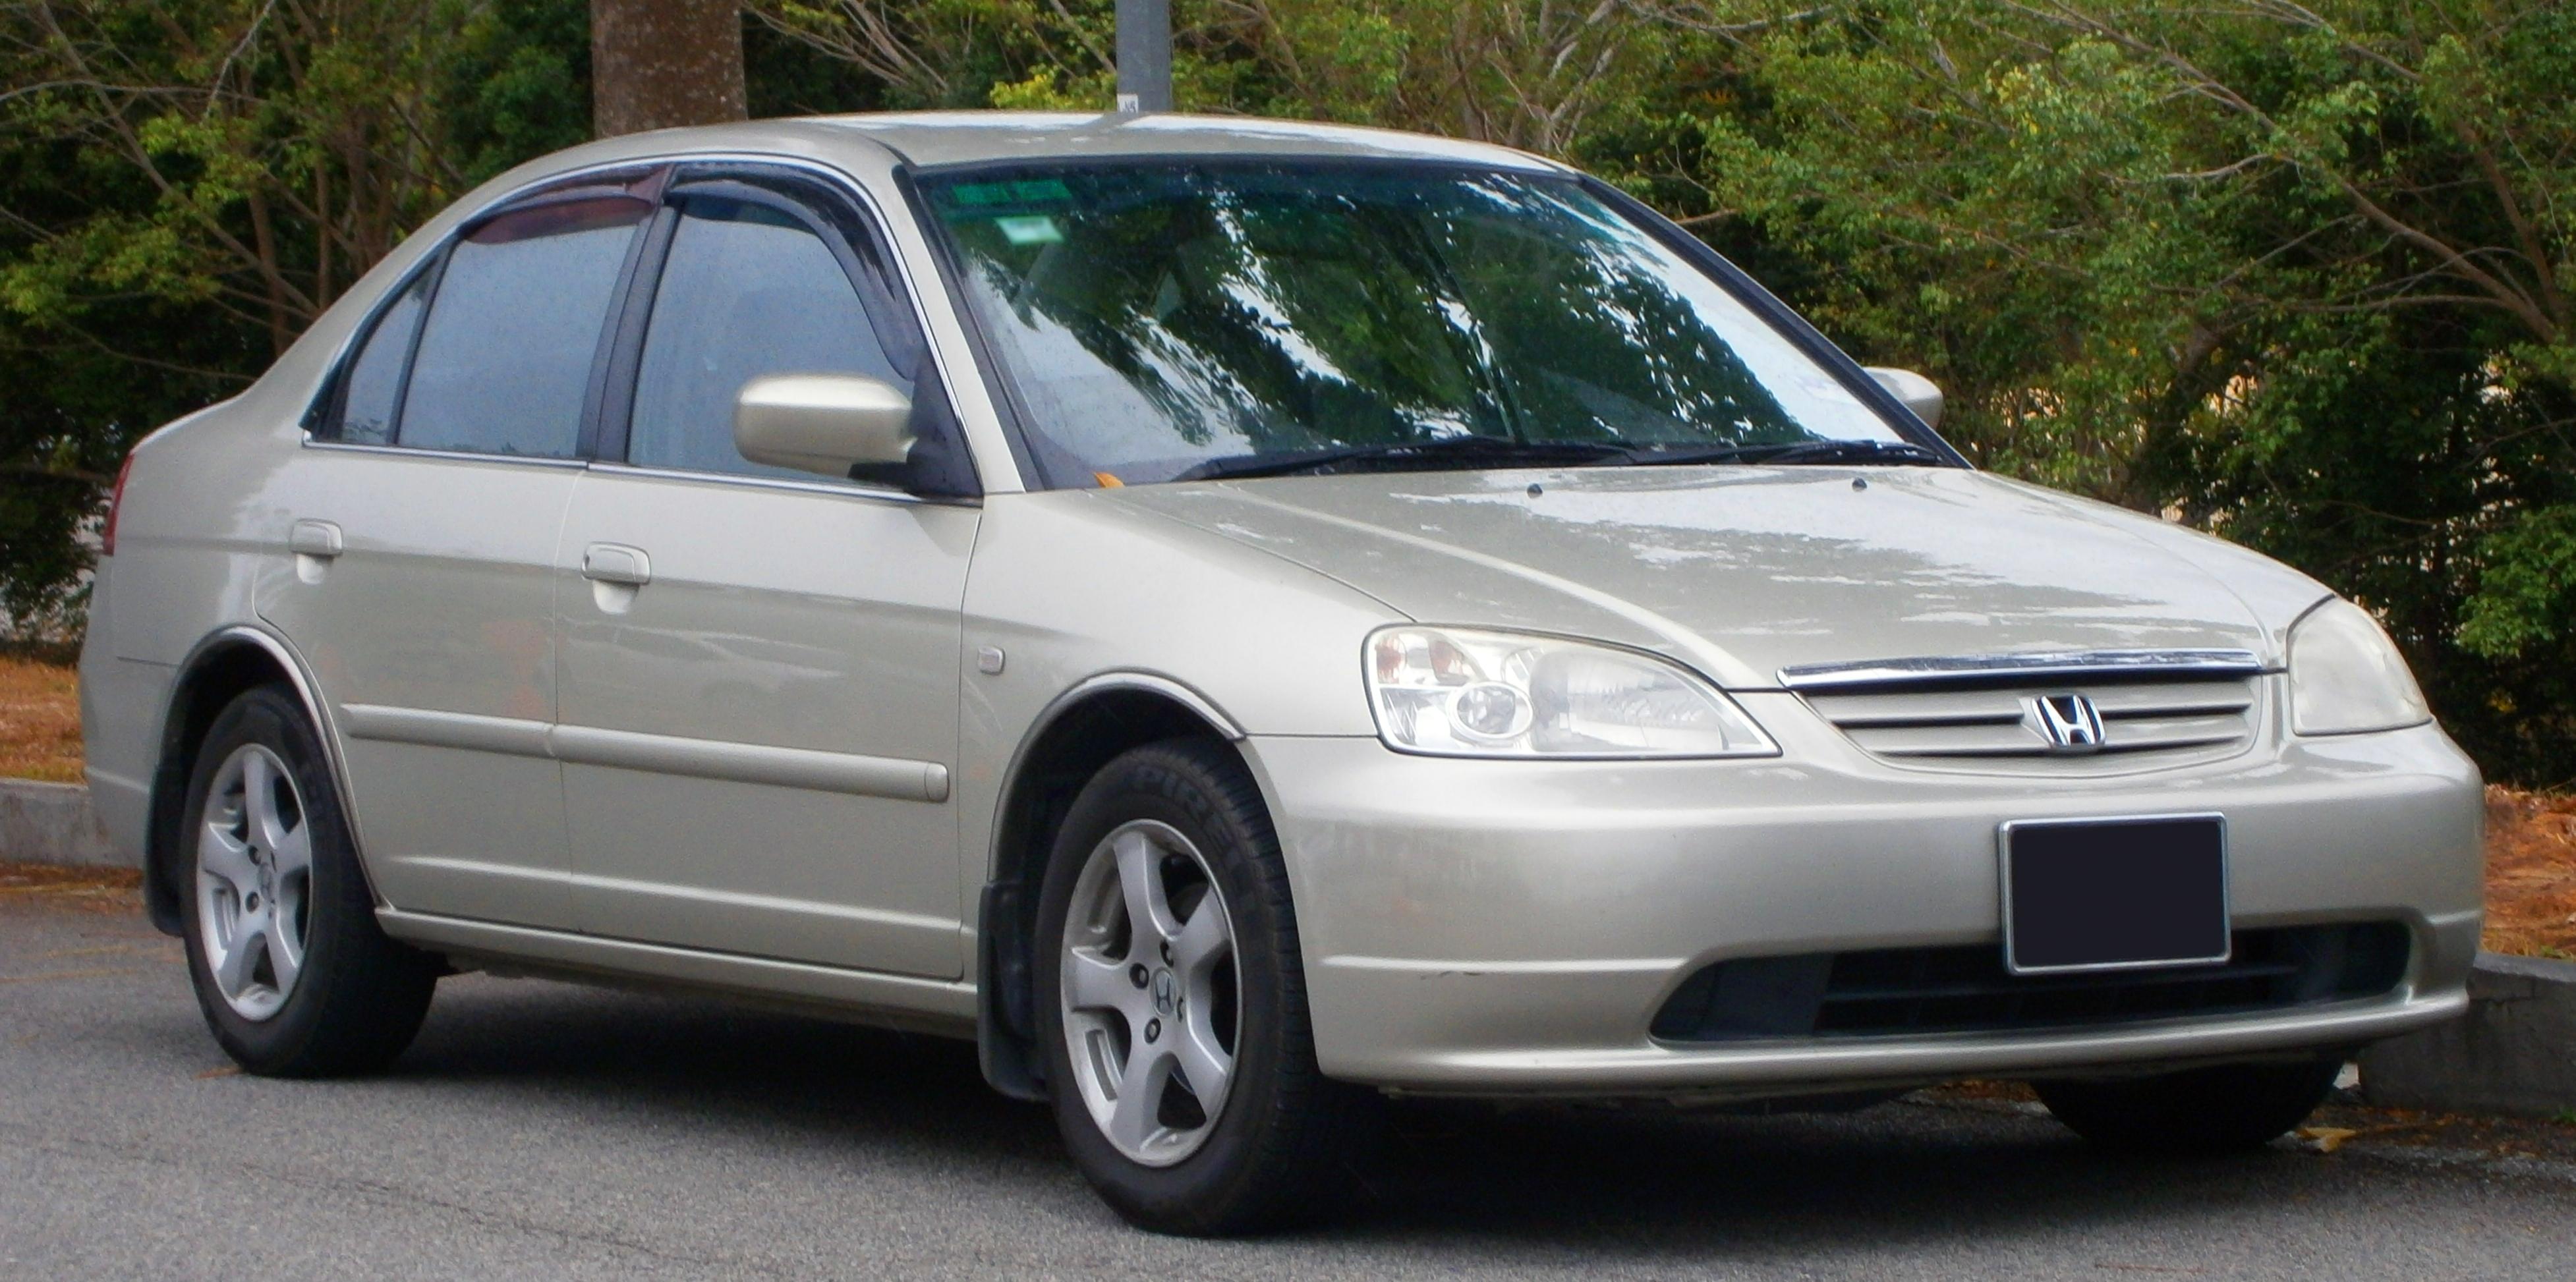 File:2001 Honda Civic VTi sedan in Cyberjaya, Malaysia (01 ...